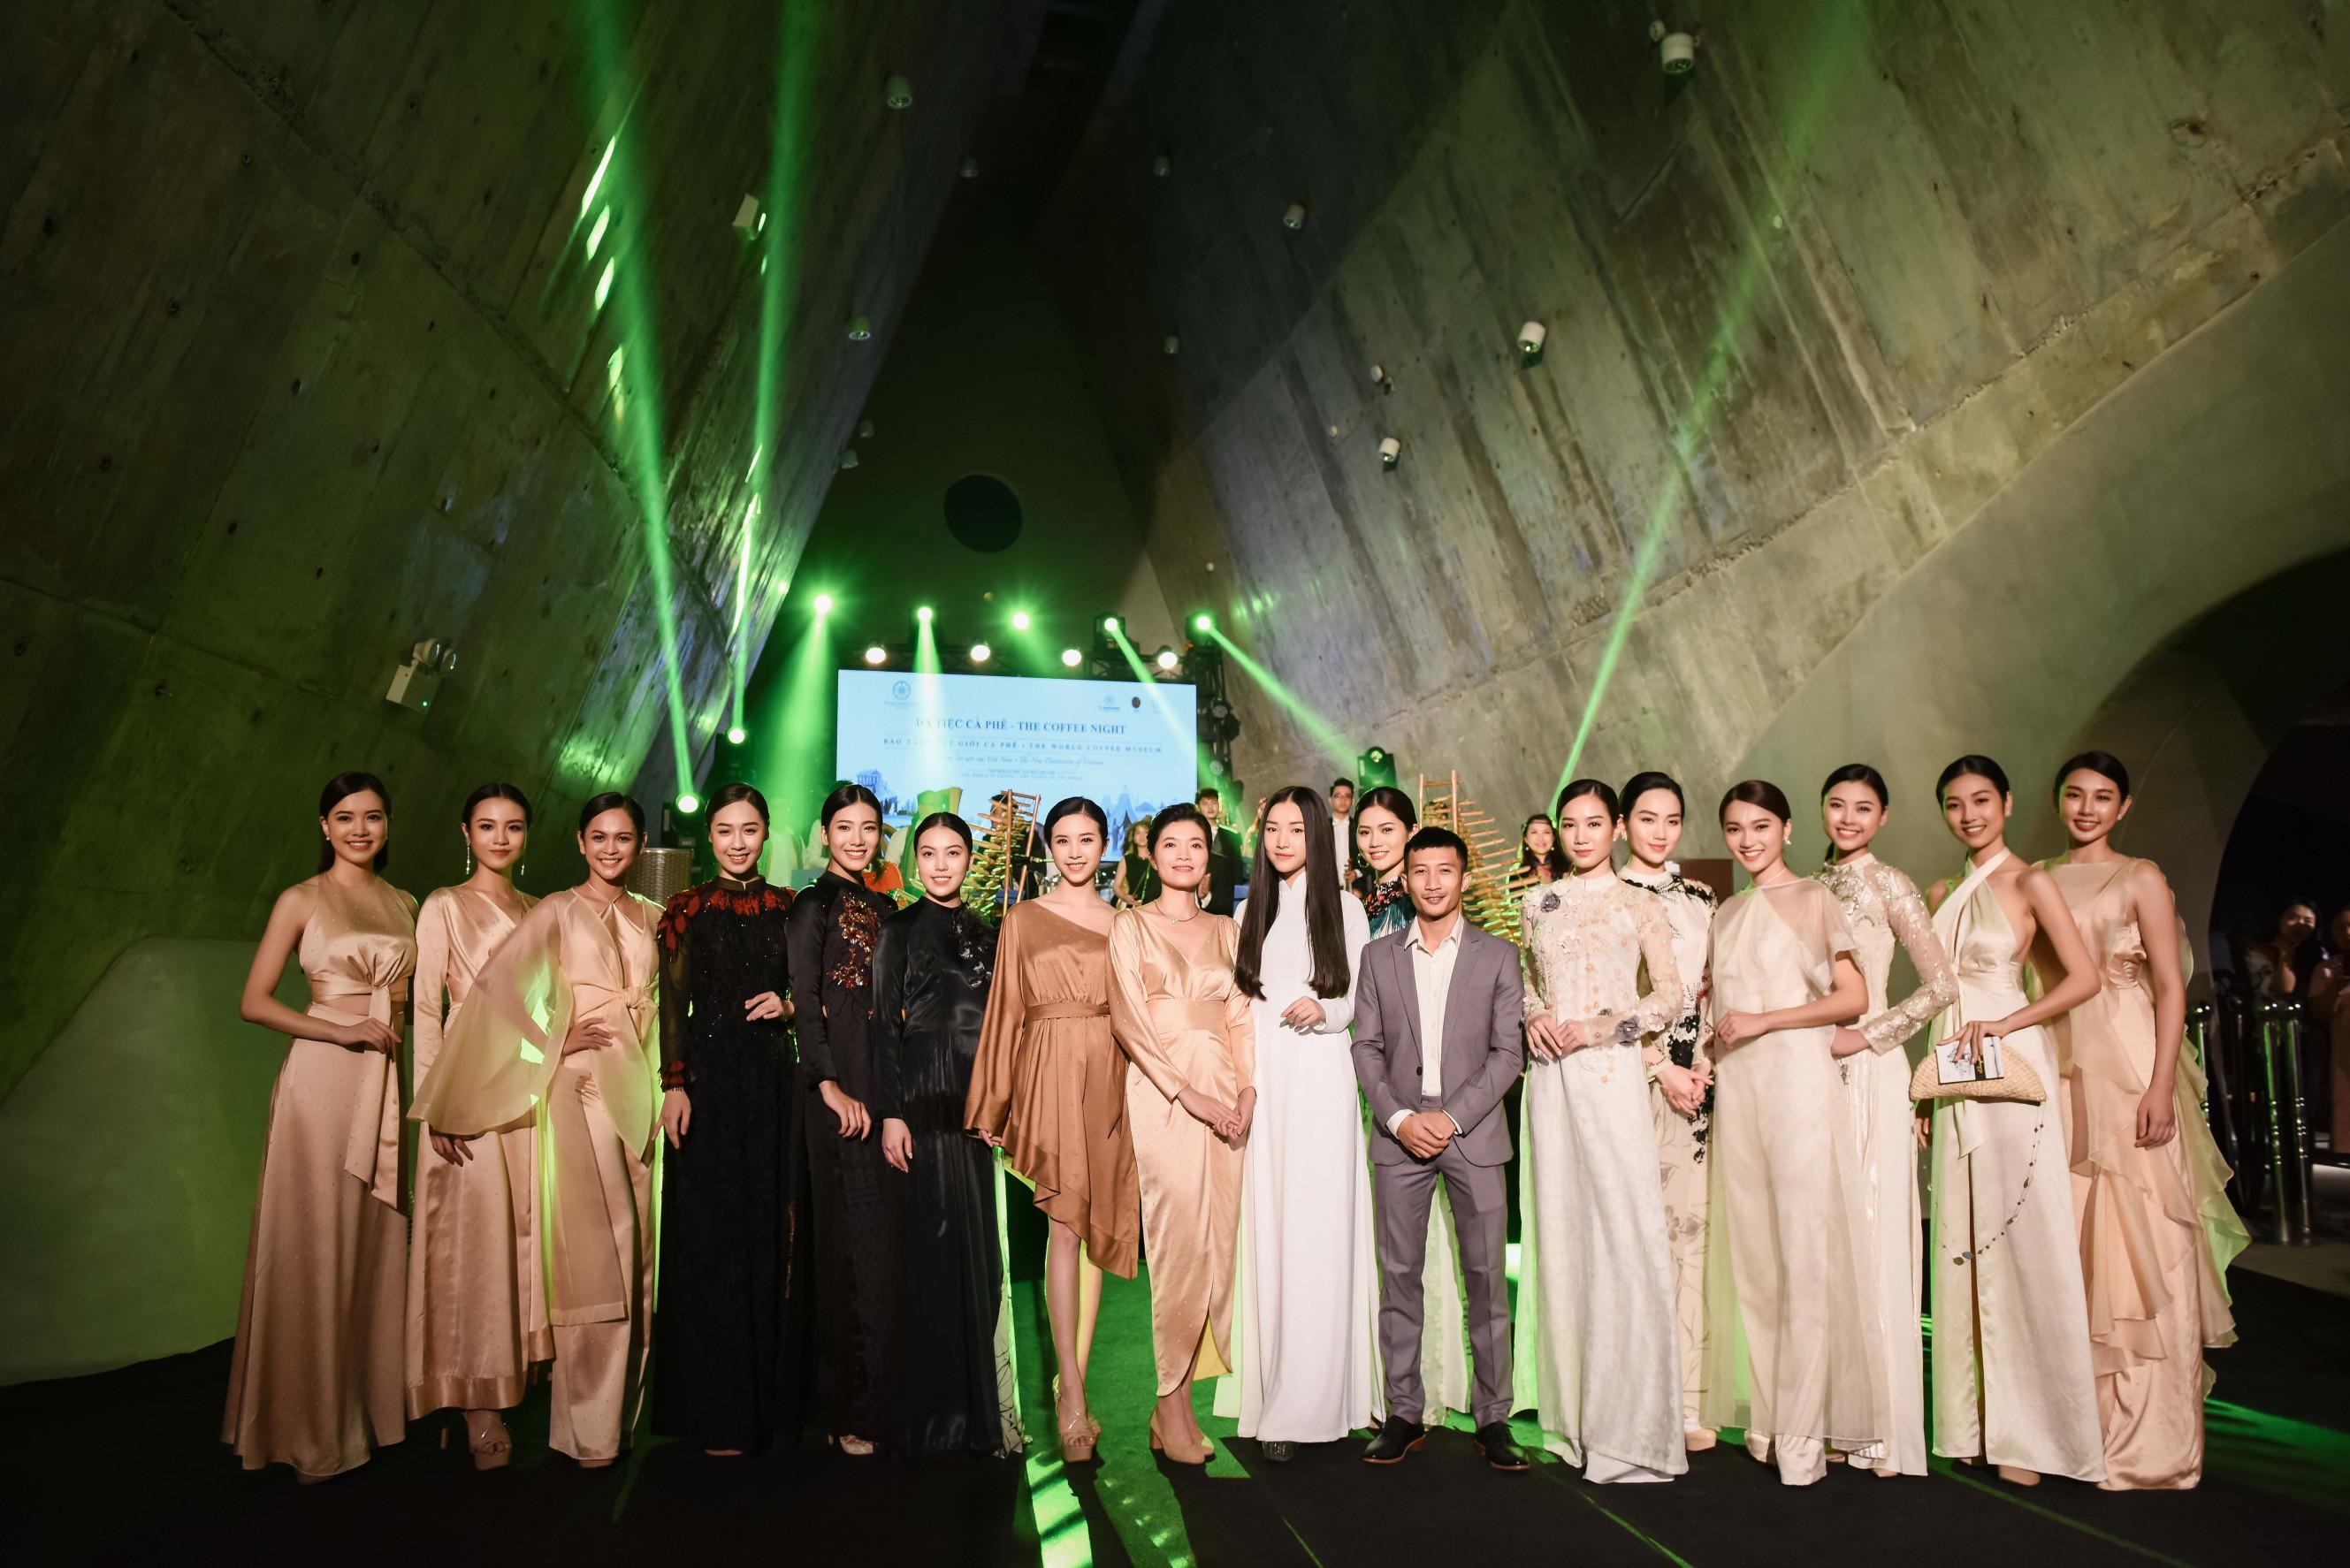 Khách mời đã được thưởng thức màn trình diễn nghệ thuật với sự kết hợp giữa âm nhạc đương đại, đặc biệt và độc đáo, cùng với những bộ sưu tập thời trang áo dài và lụa Việt Nam mang đậm dấu ấn nghệ thuật.